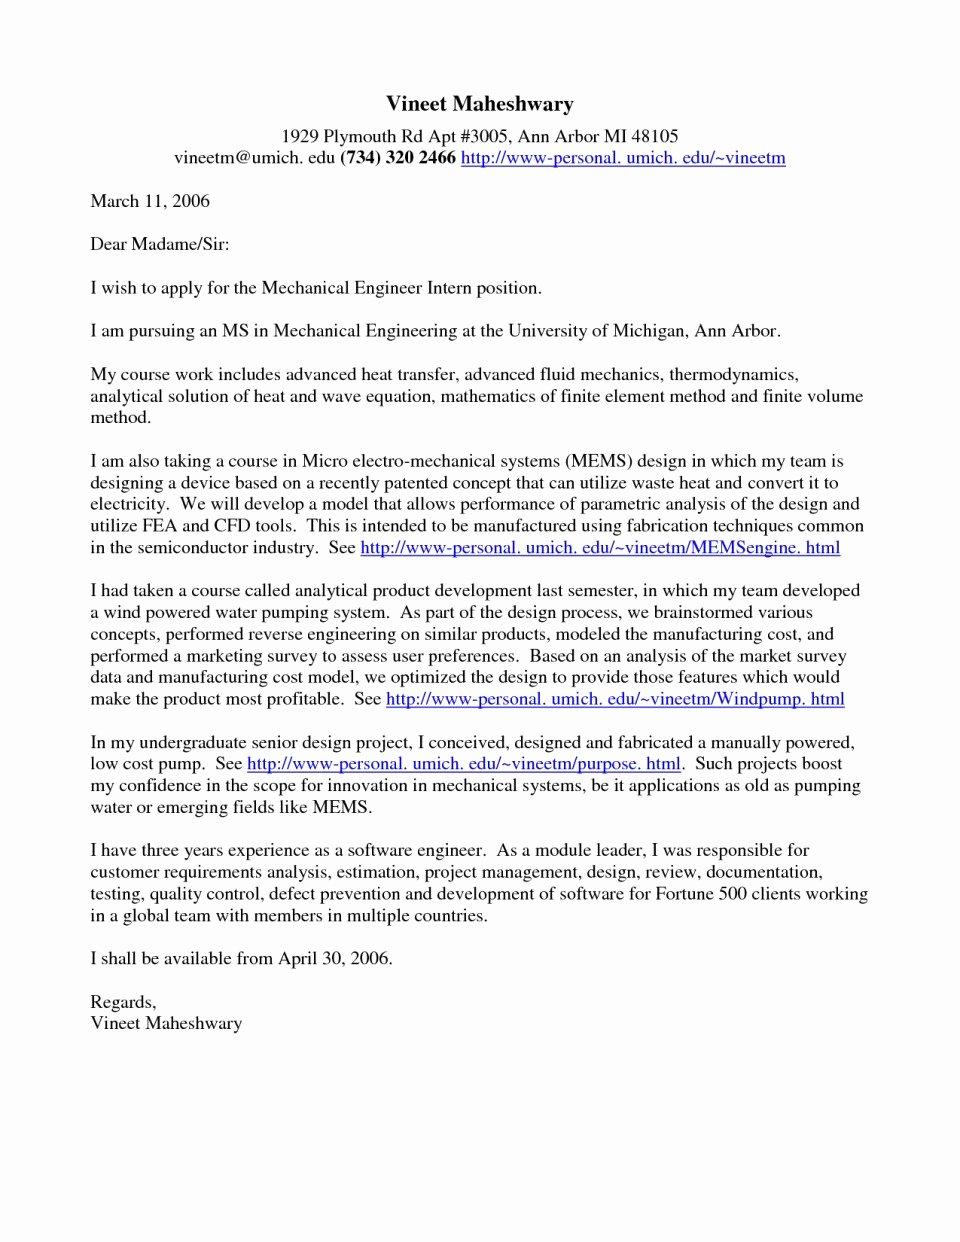 Internship Work Plan Template New 018 Plan Template Internship Work Student Information